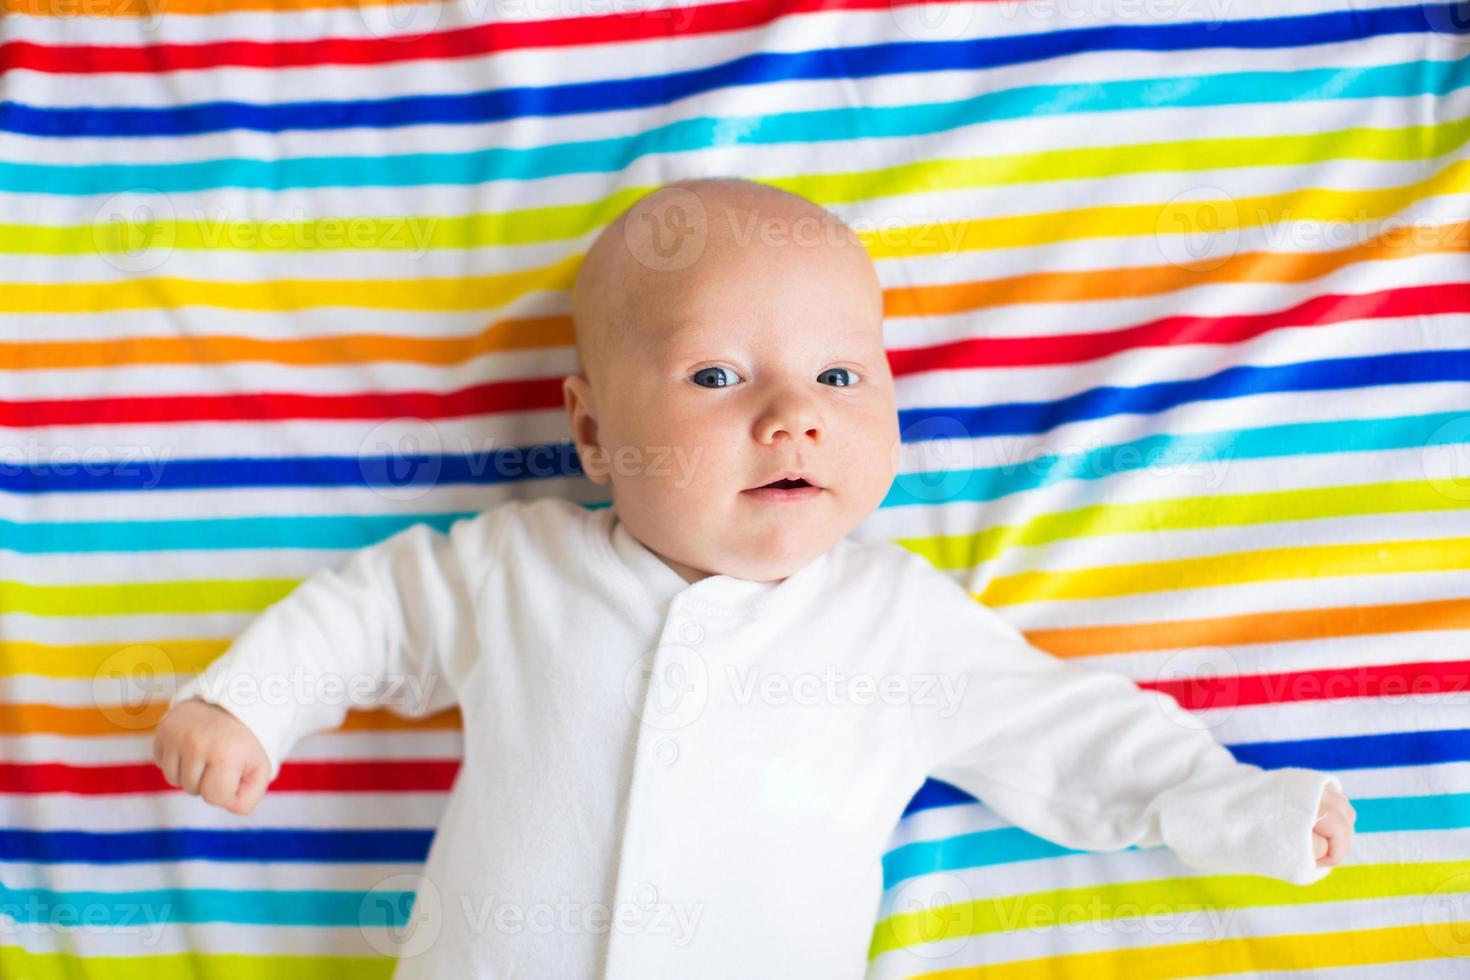 bambino carino su una coperta colorata foto